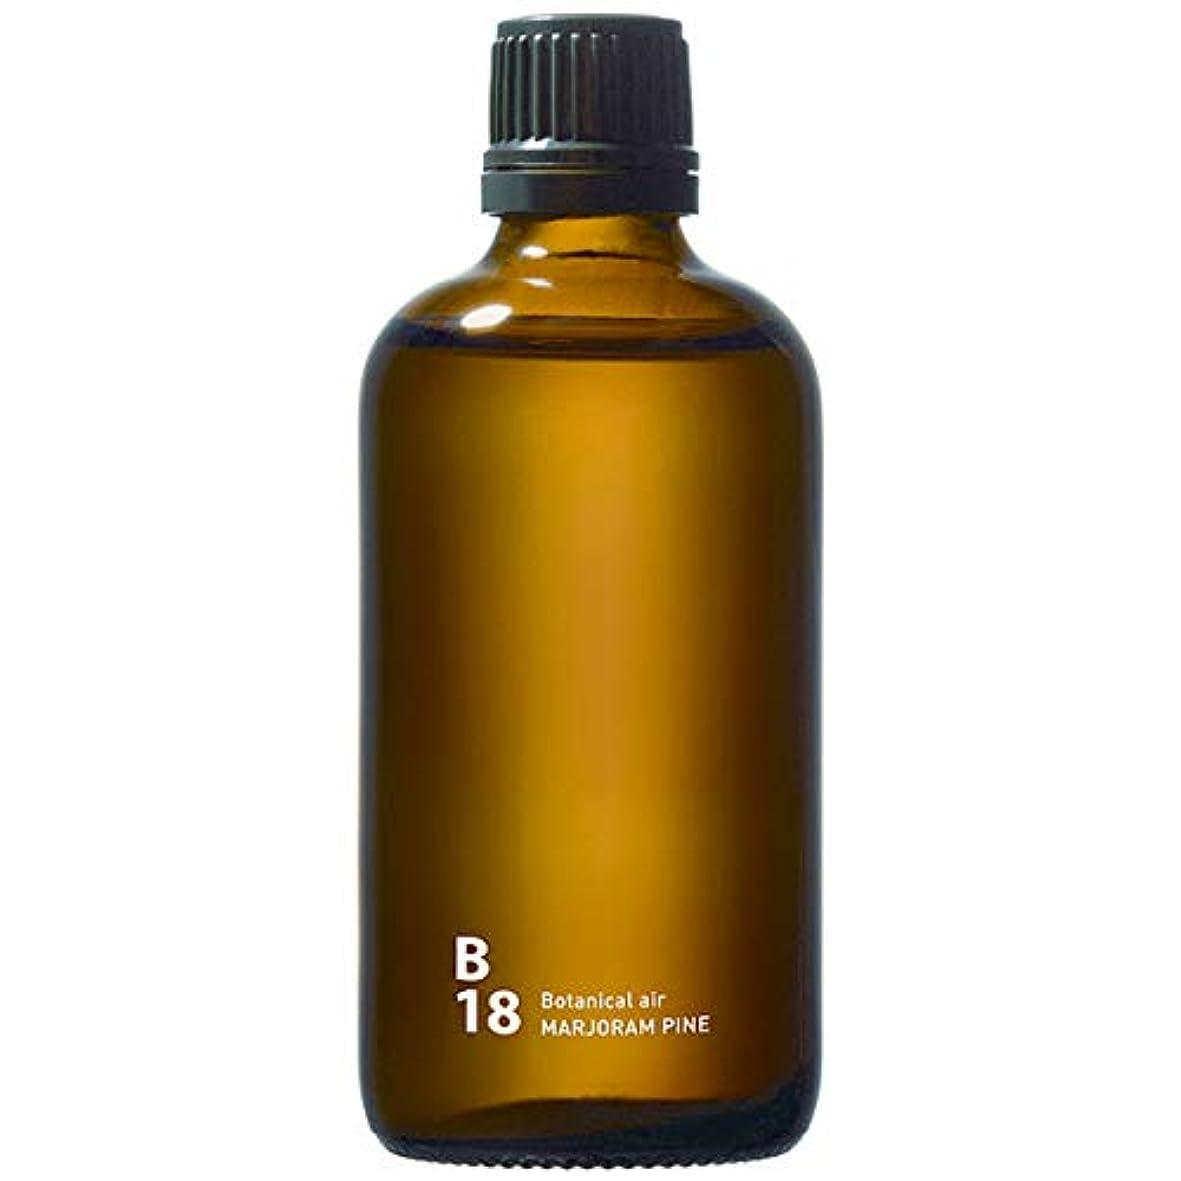 第二にシーフードレンダーB18 MARJORAM PINE piezo aroma oil 100ml